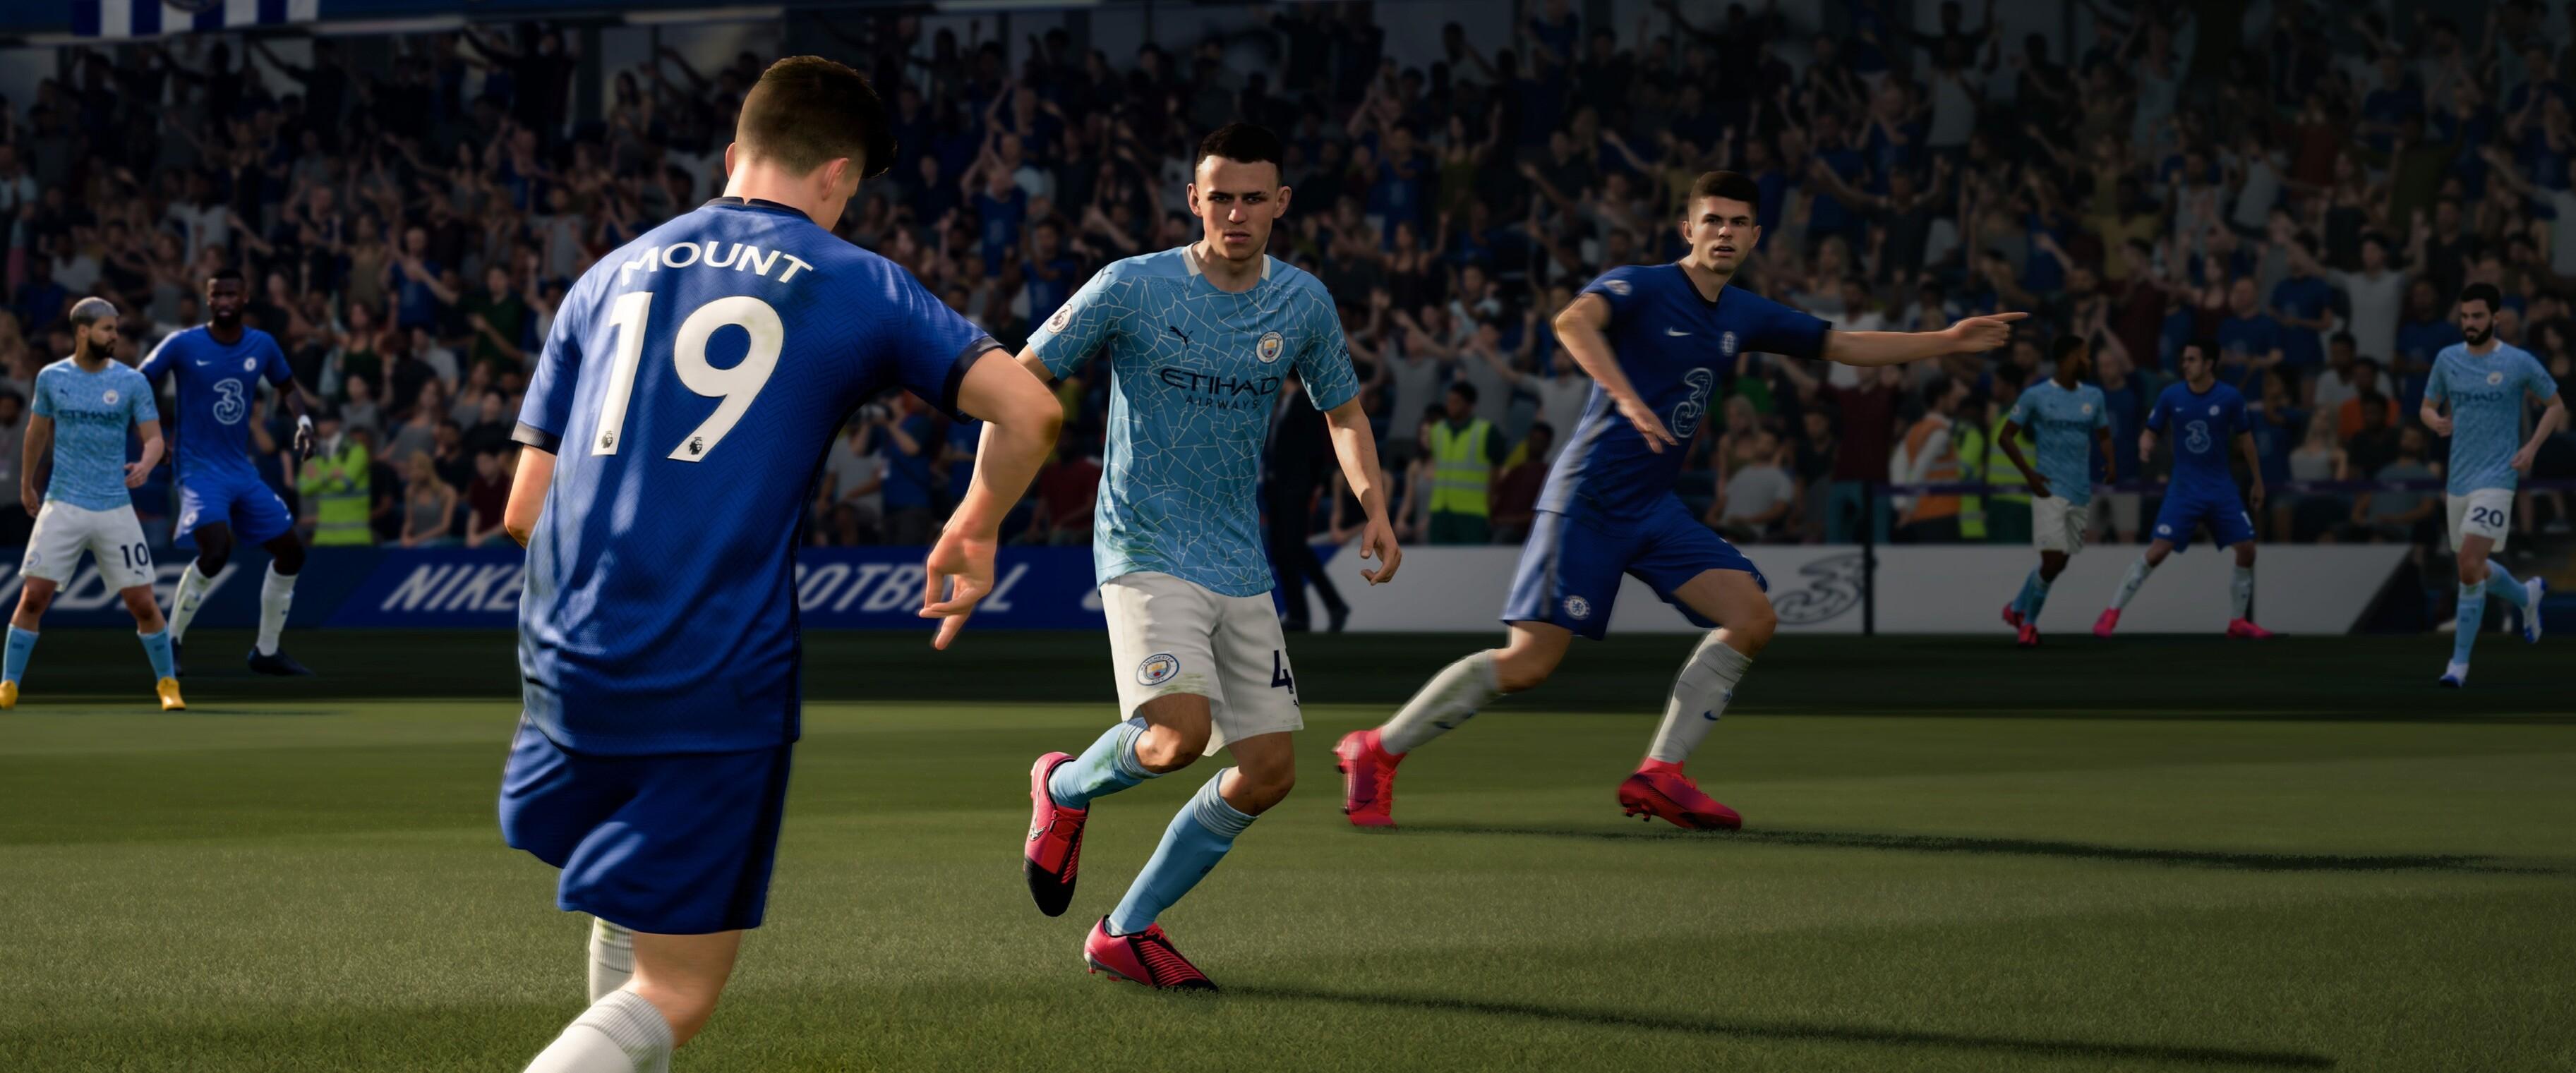 Новейший футбольный симулятор FIFA 2021 для PlayStation 4 продают со скидкой 79%